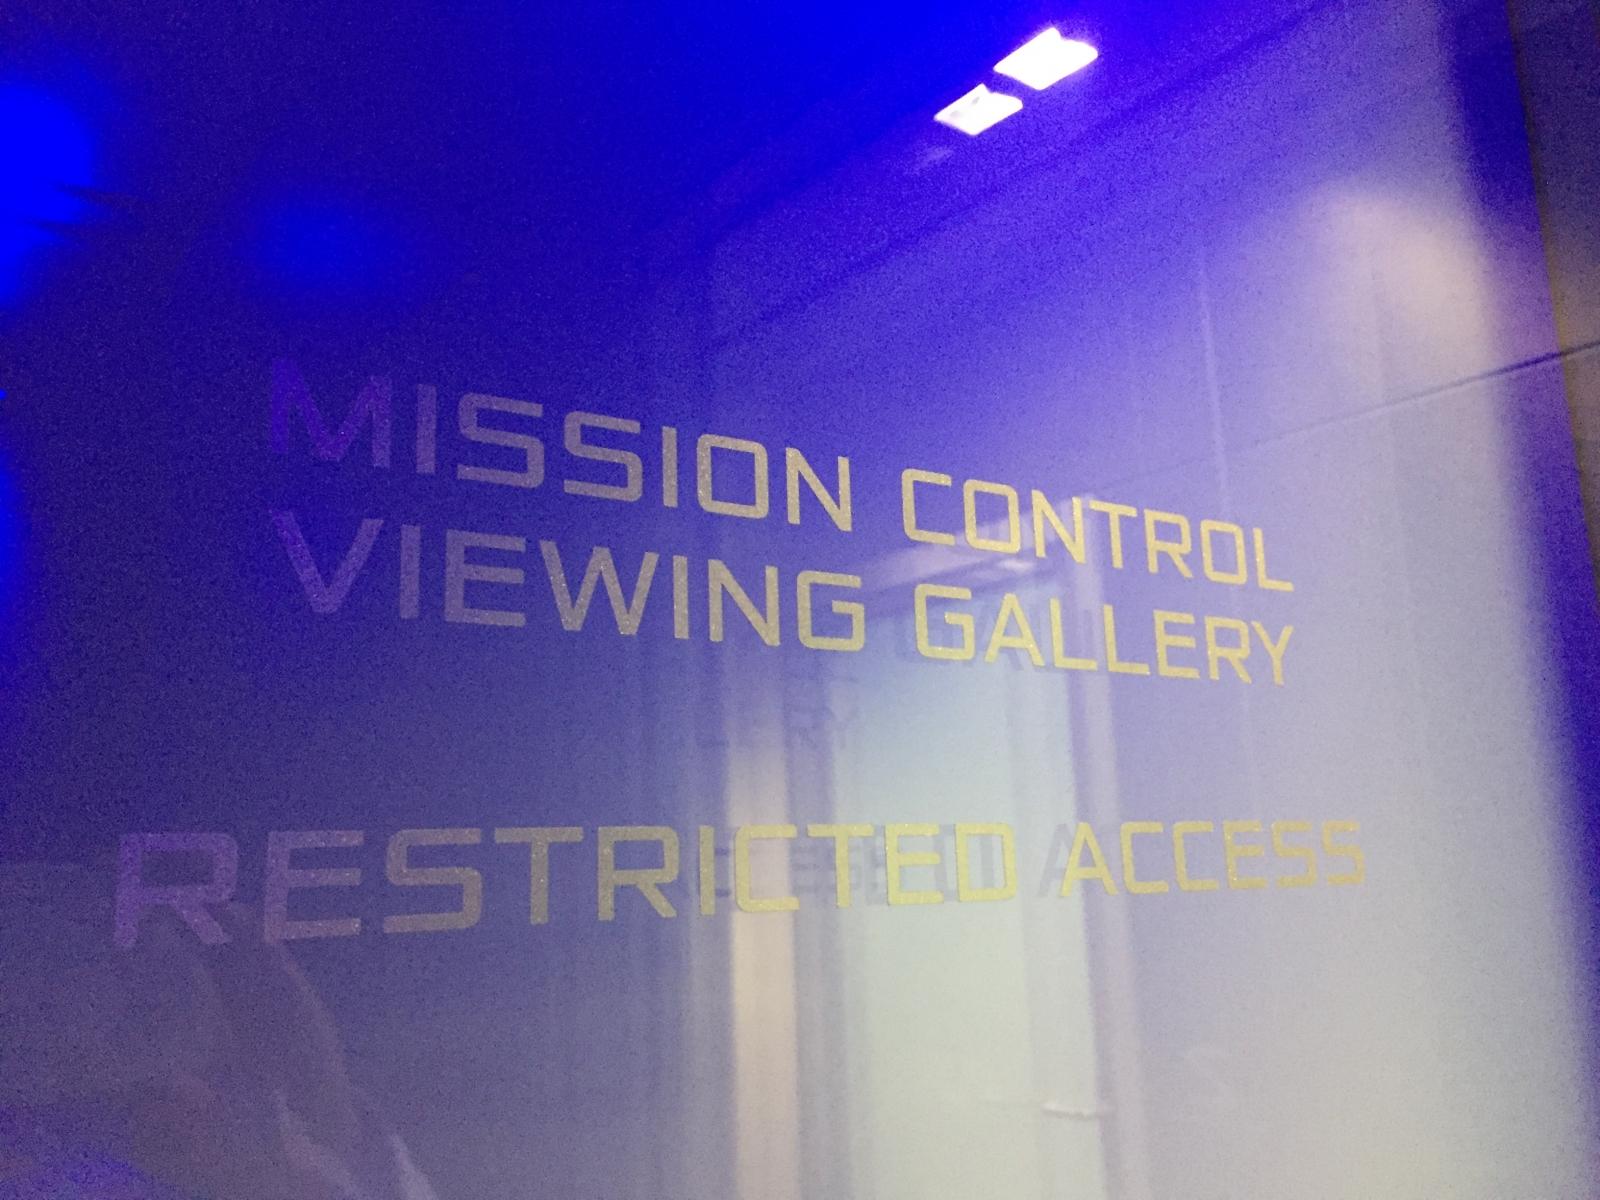 McLaren Mission Control